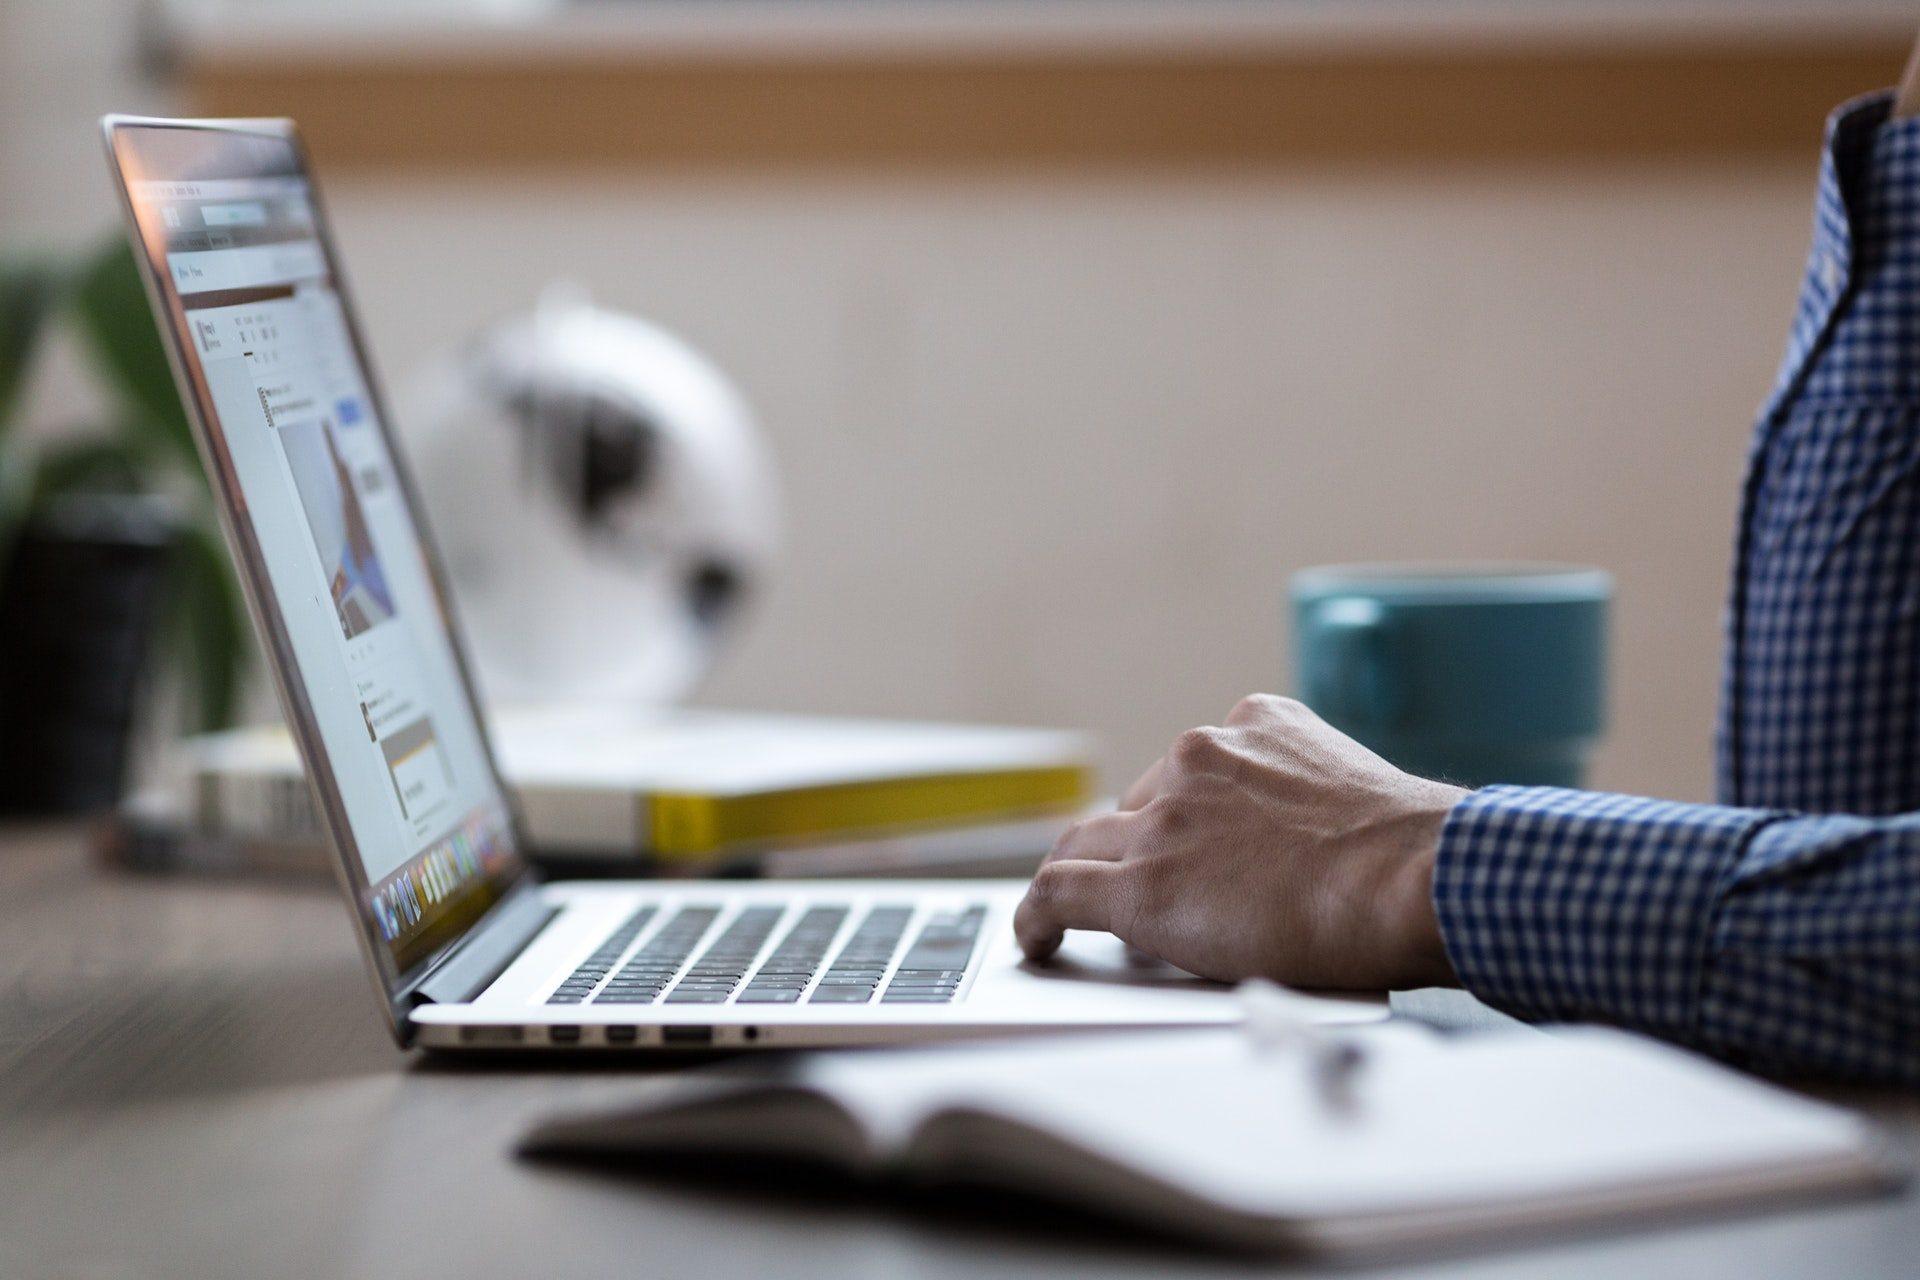 Rischi e-commerce: come evitare truffe e accesso ai dati personali